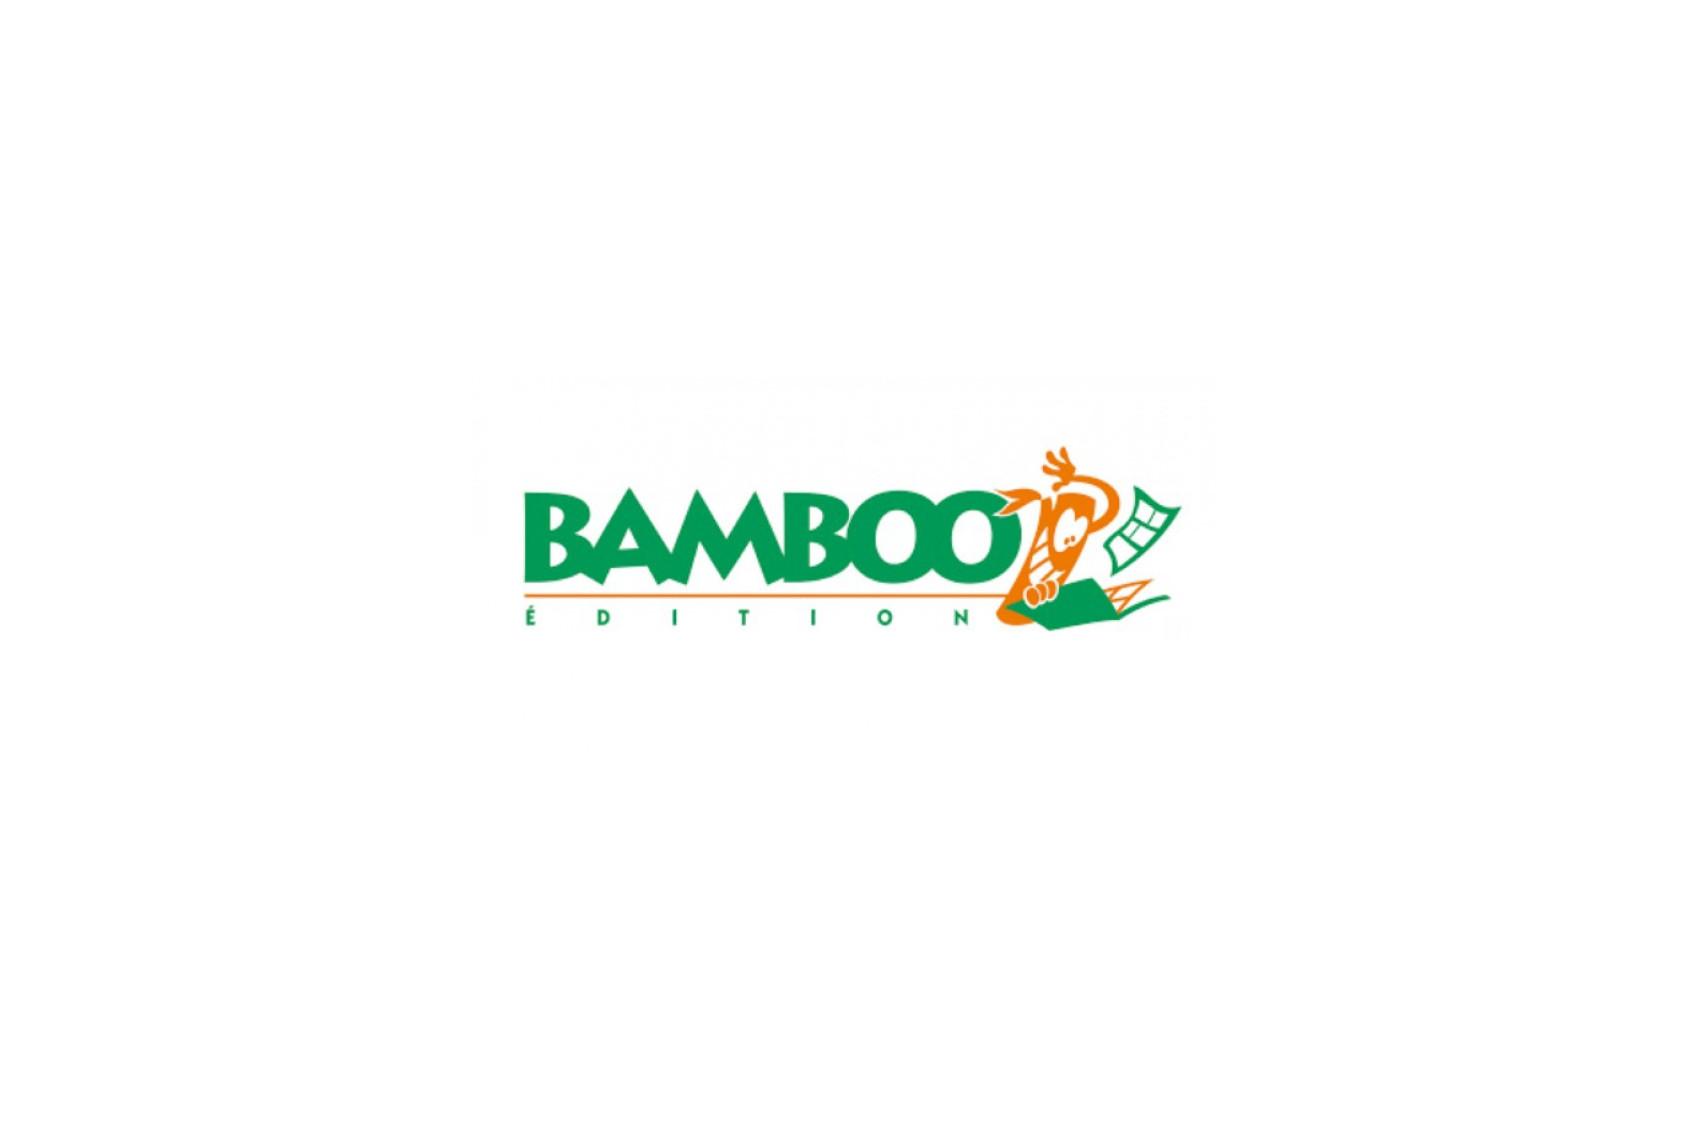 Bamboo éditions : bandes dessinées et livres de danse.